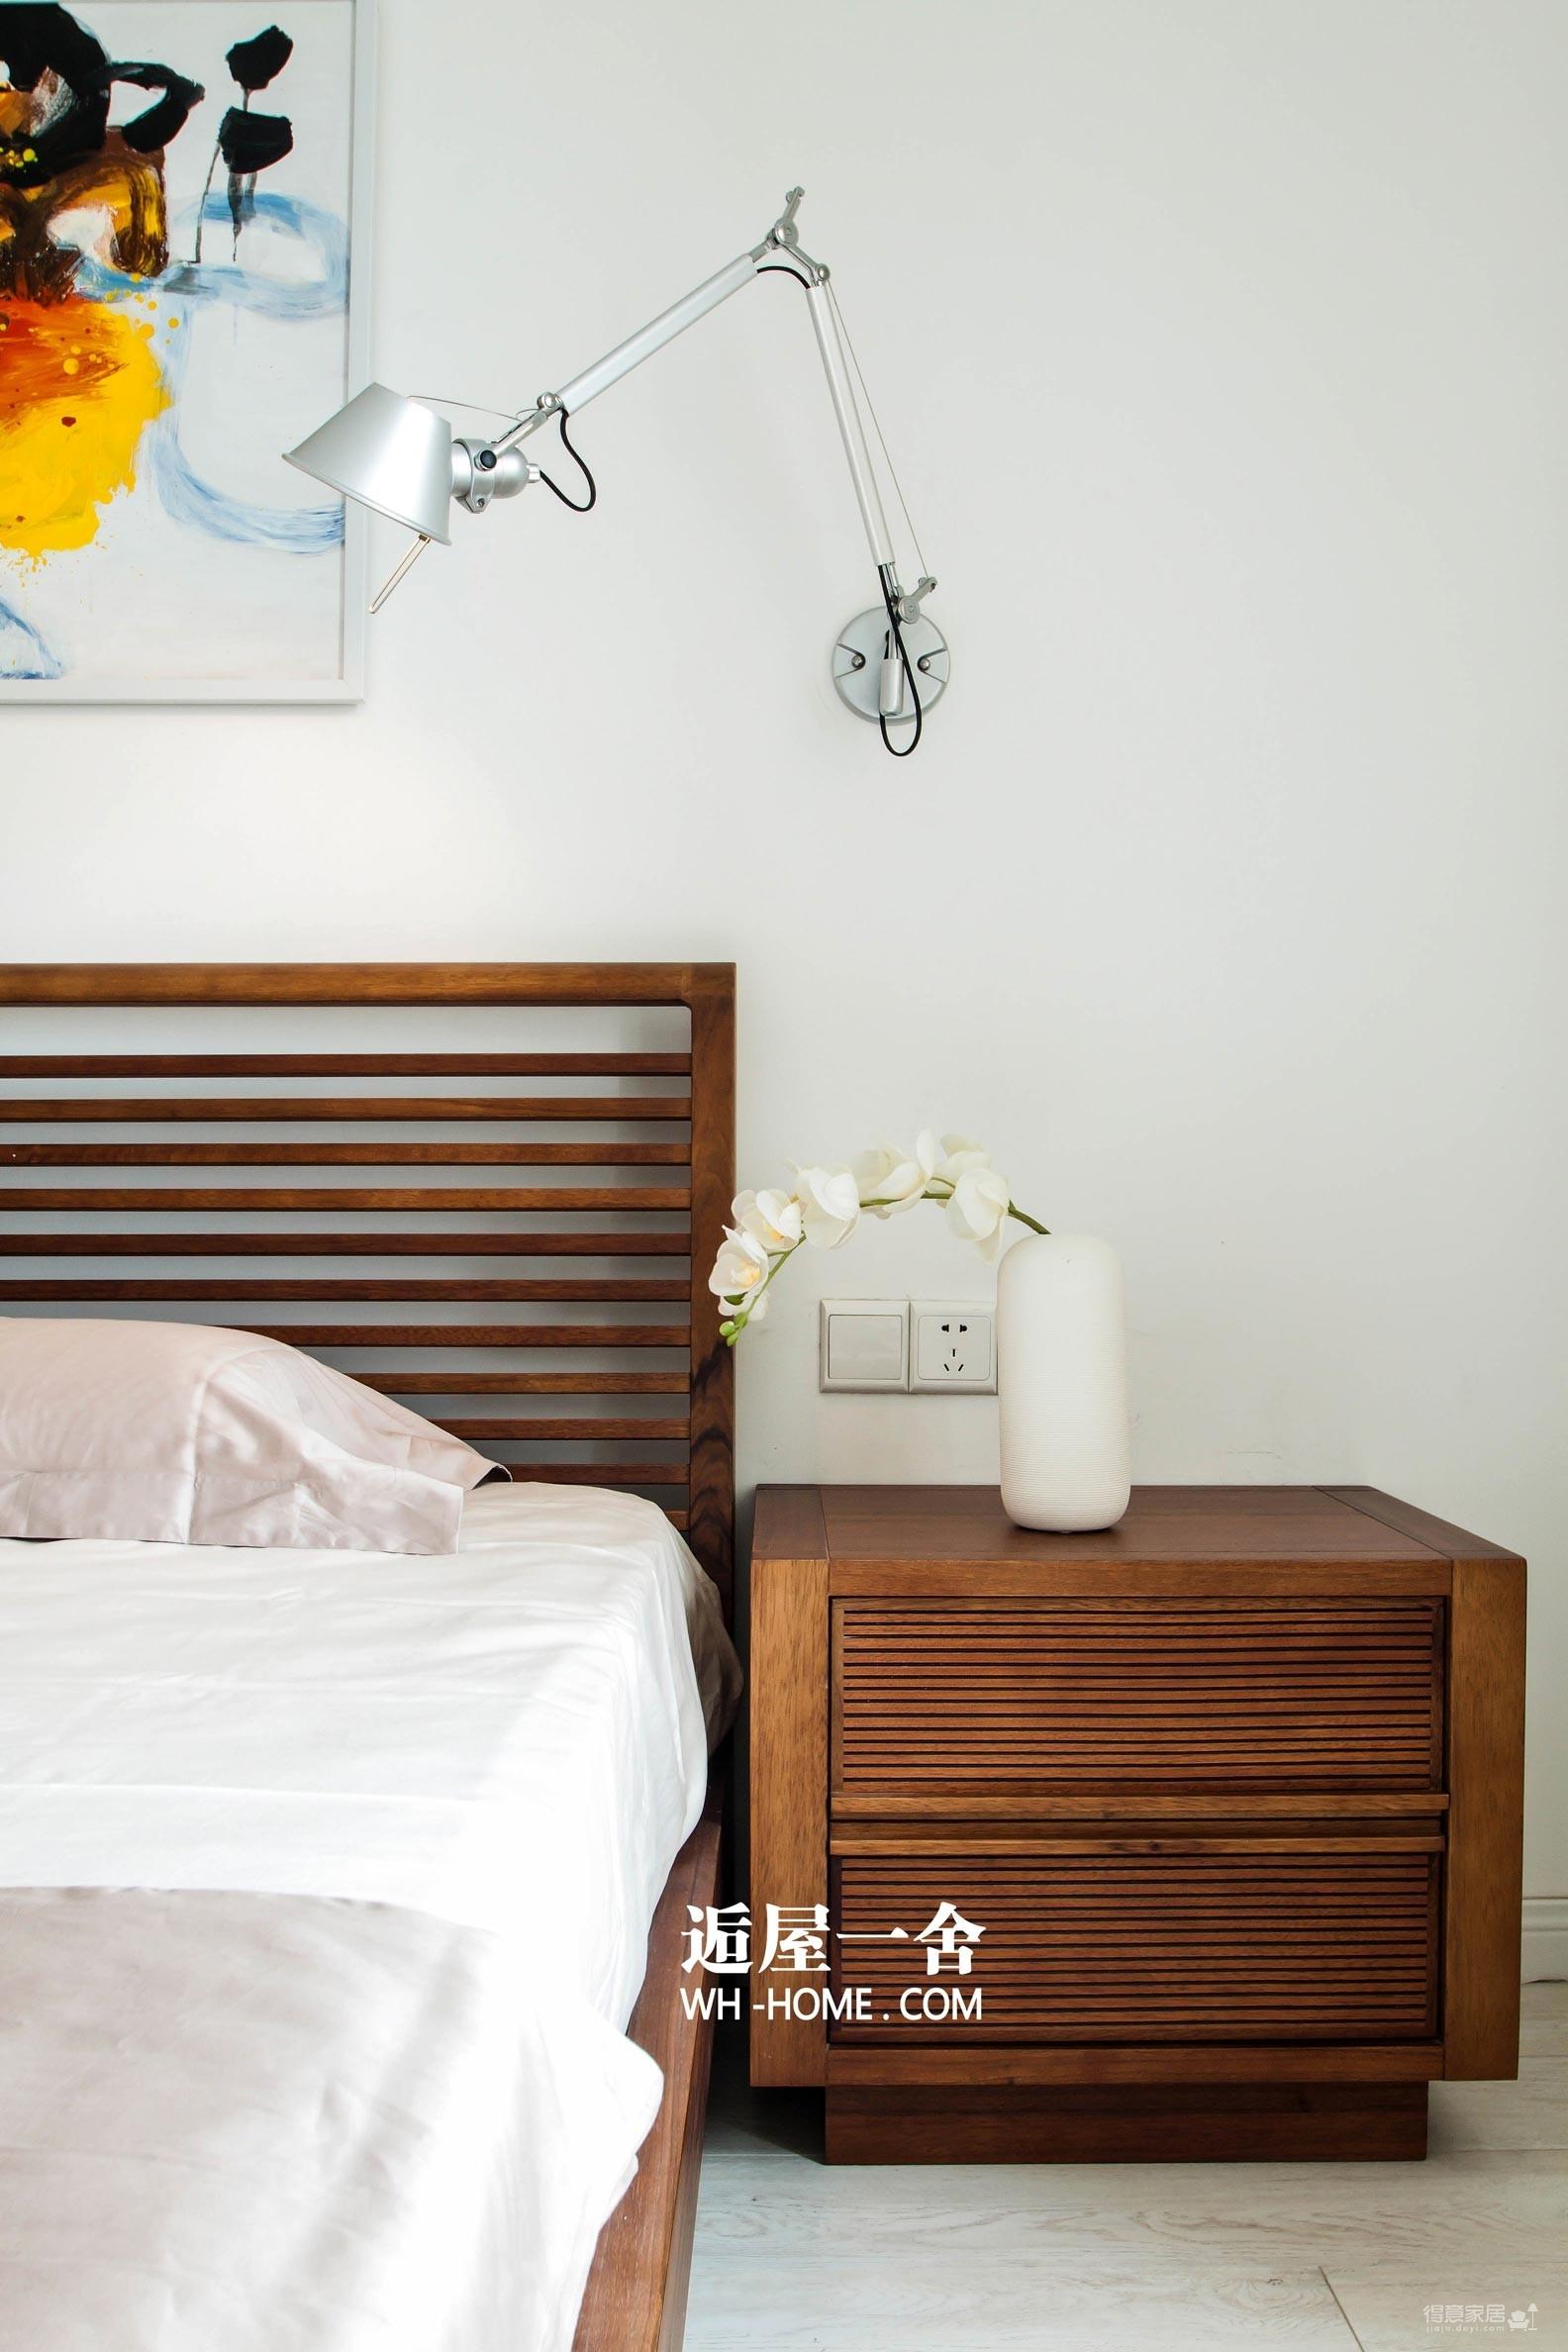 木润荷香图_9